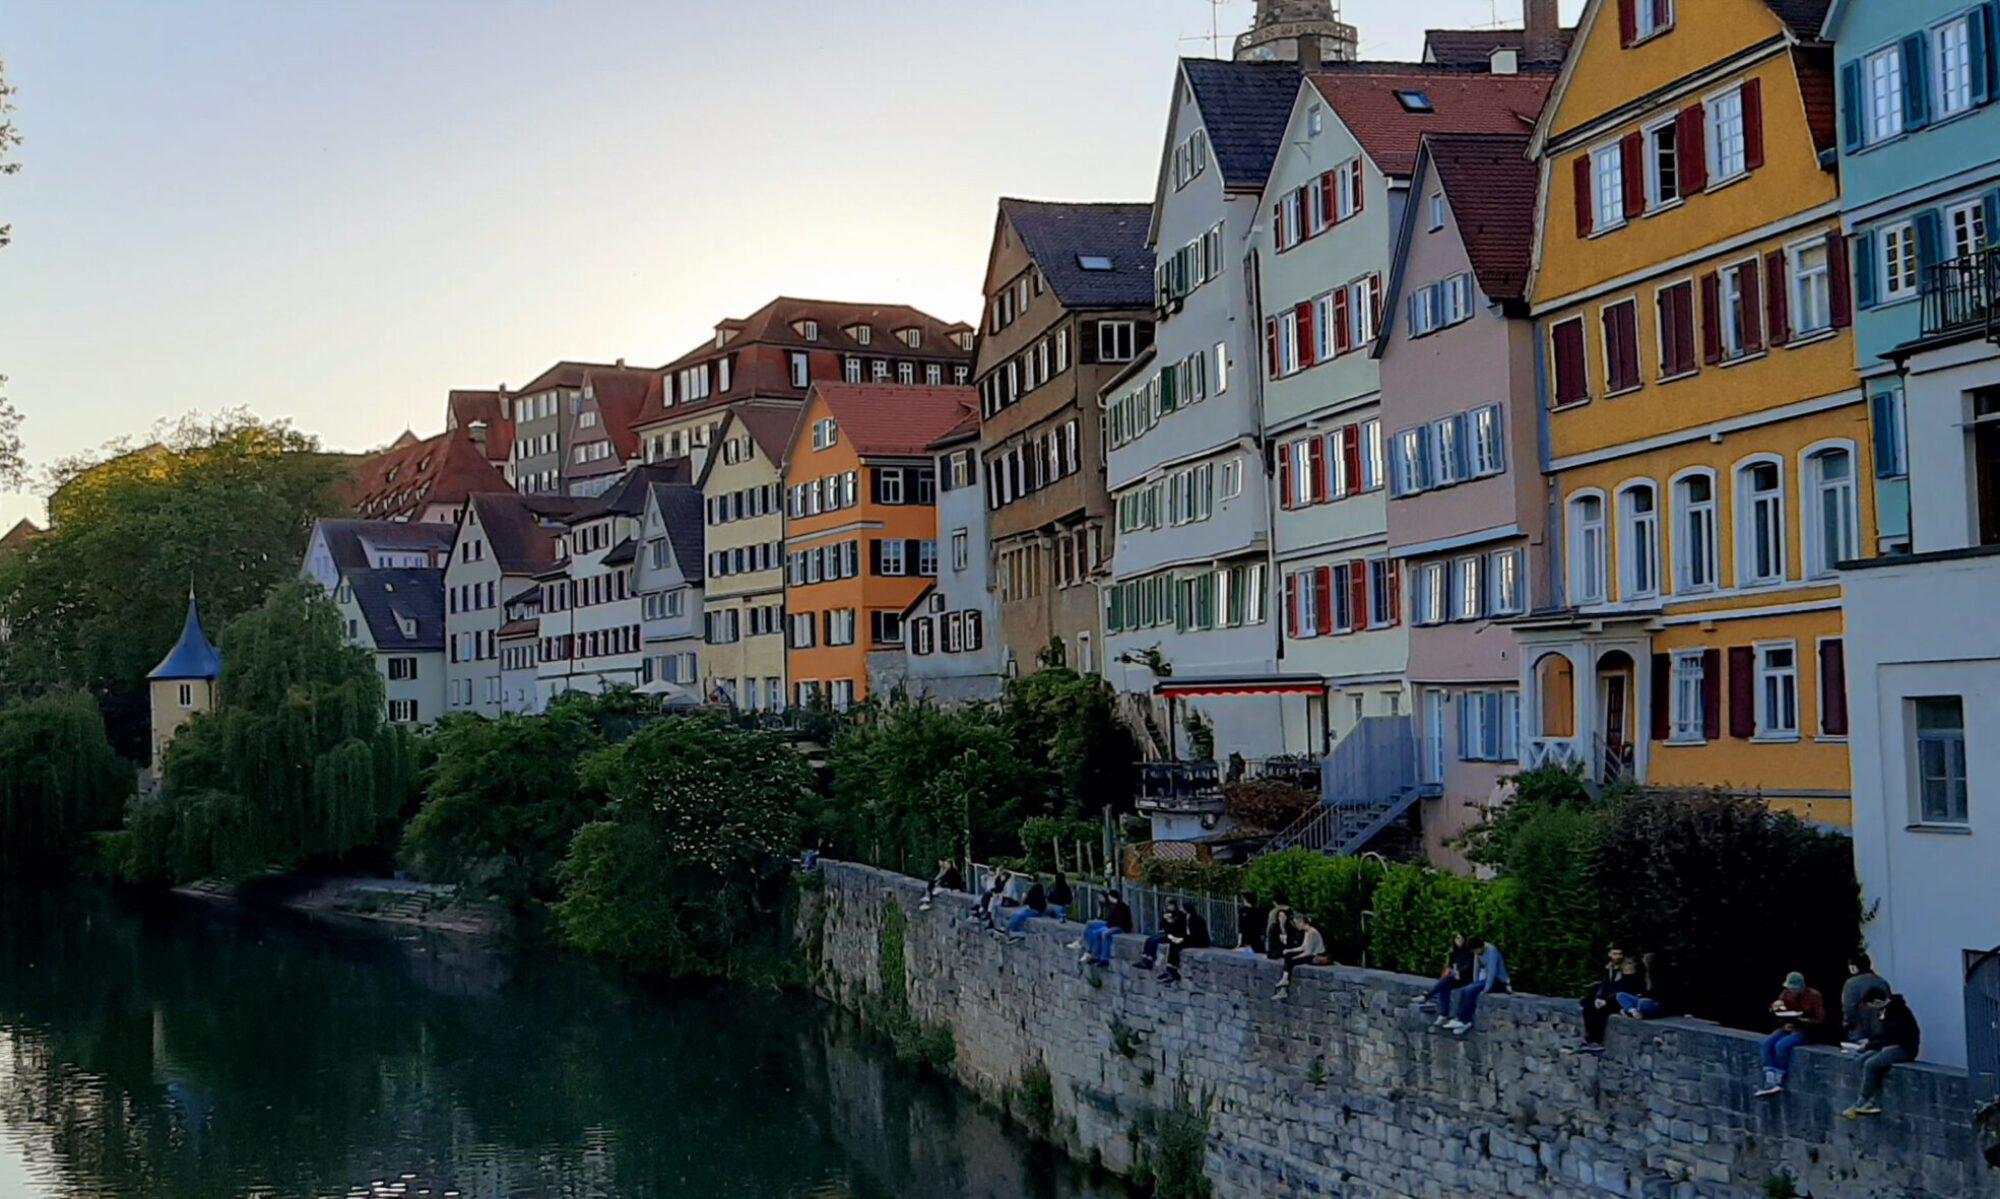 Strassburger Burschenschaft Arminia zu Tübingen